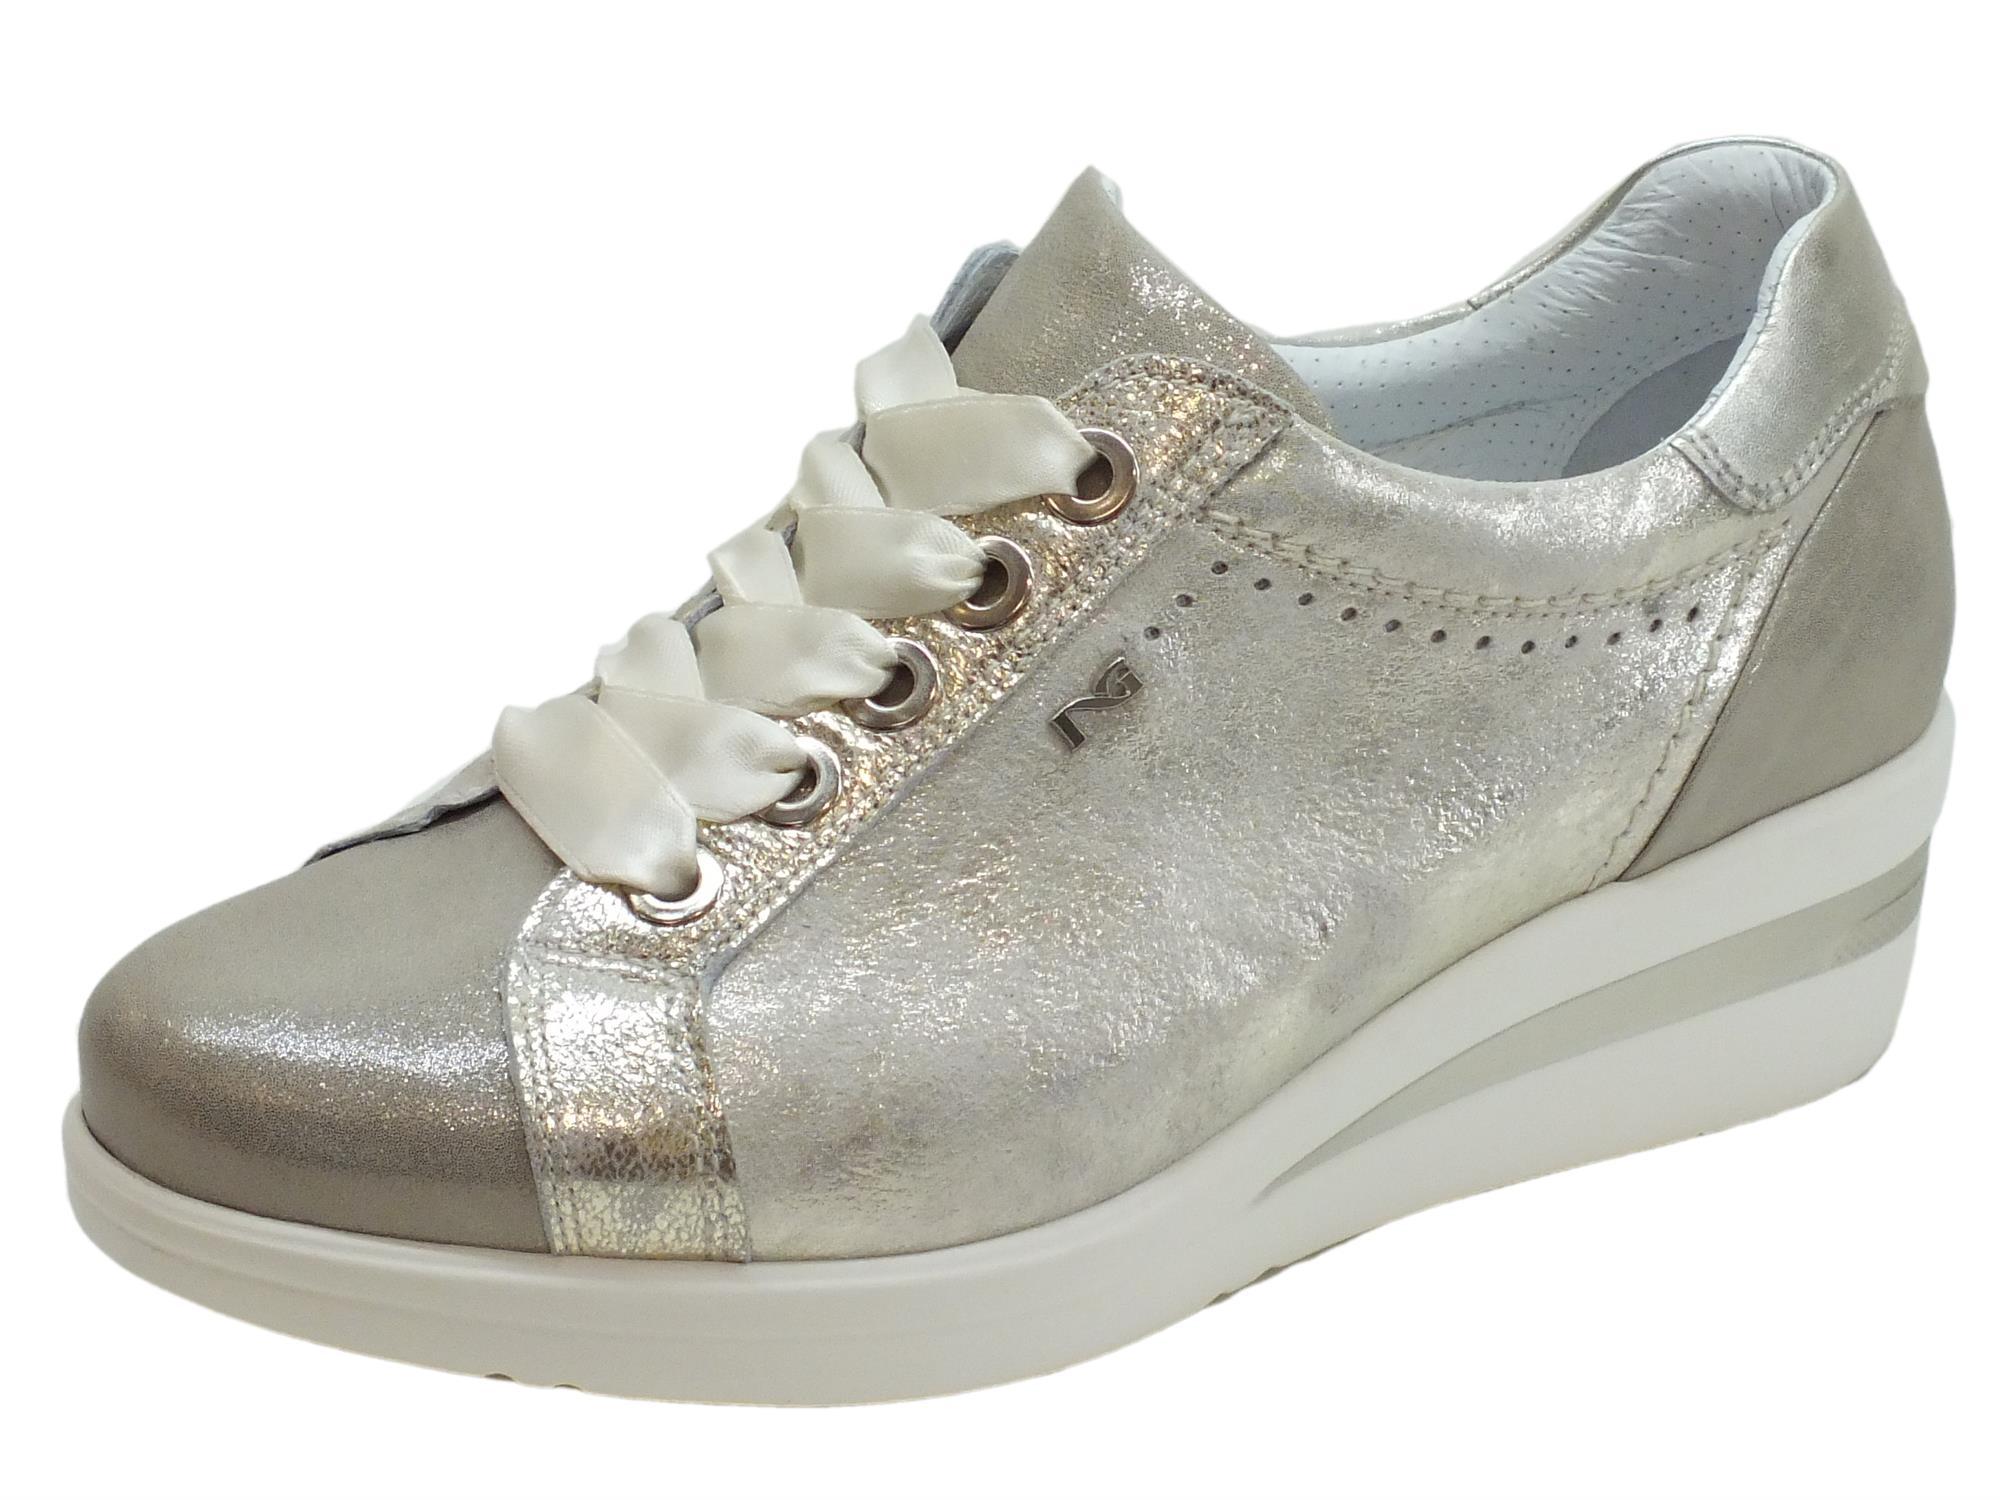 Sneakers NeroGiardini per donna in pelle champagne e pelle argento